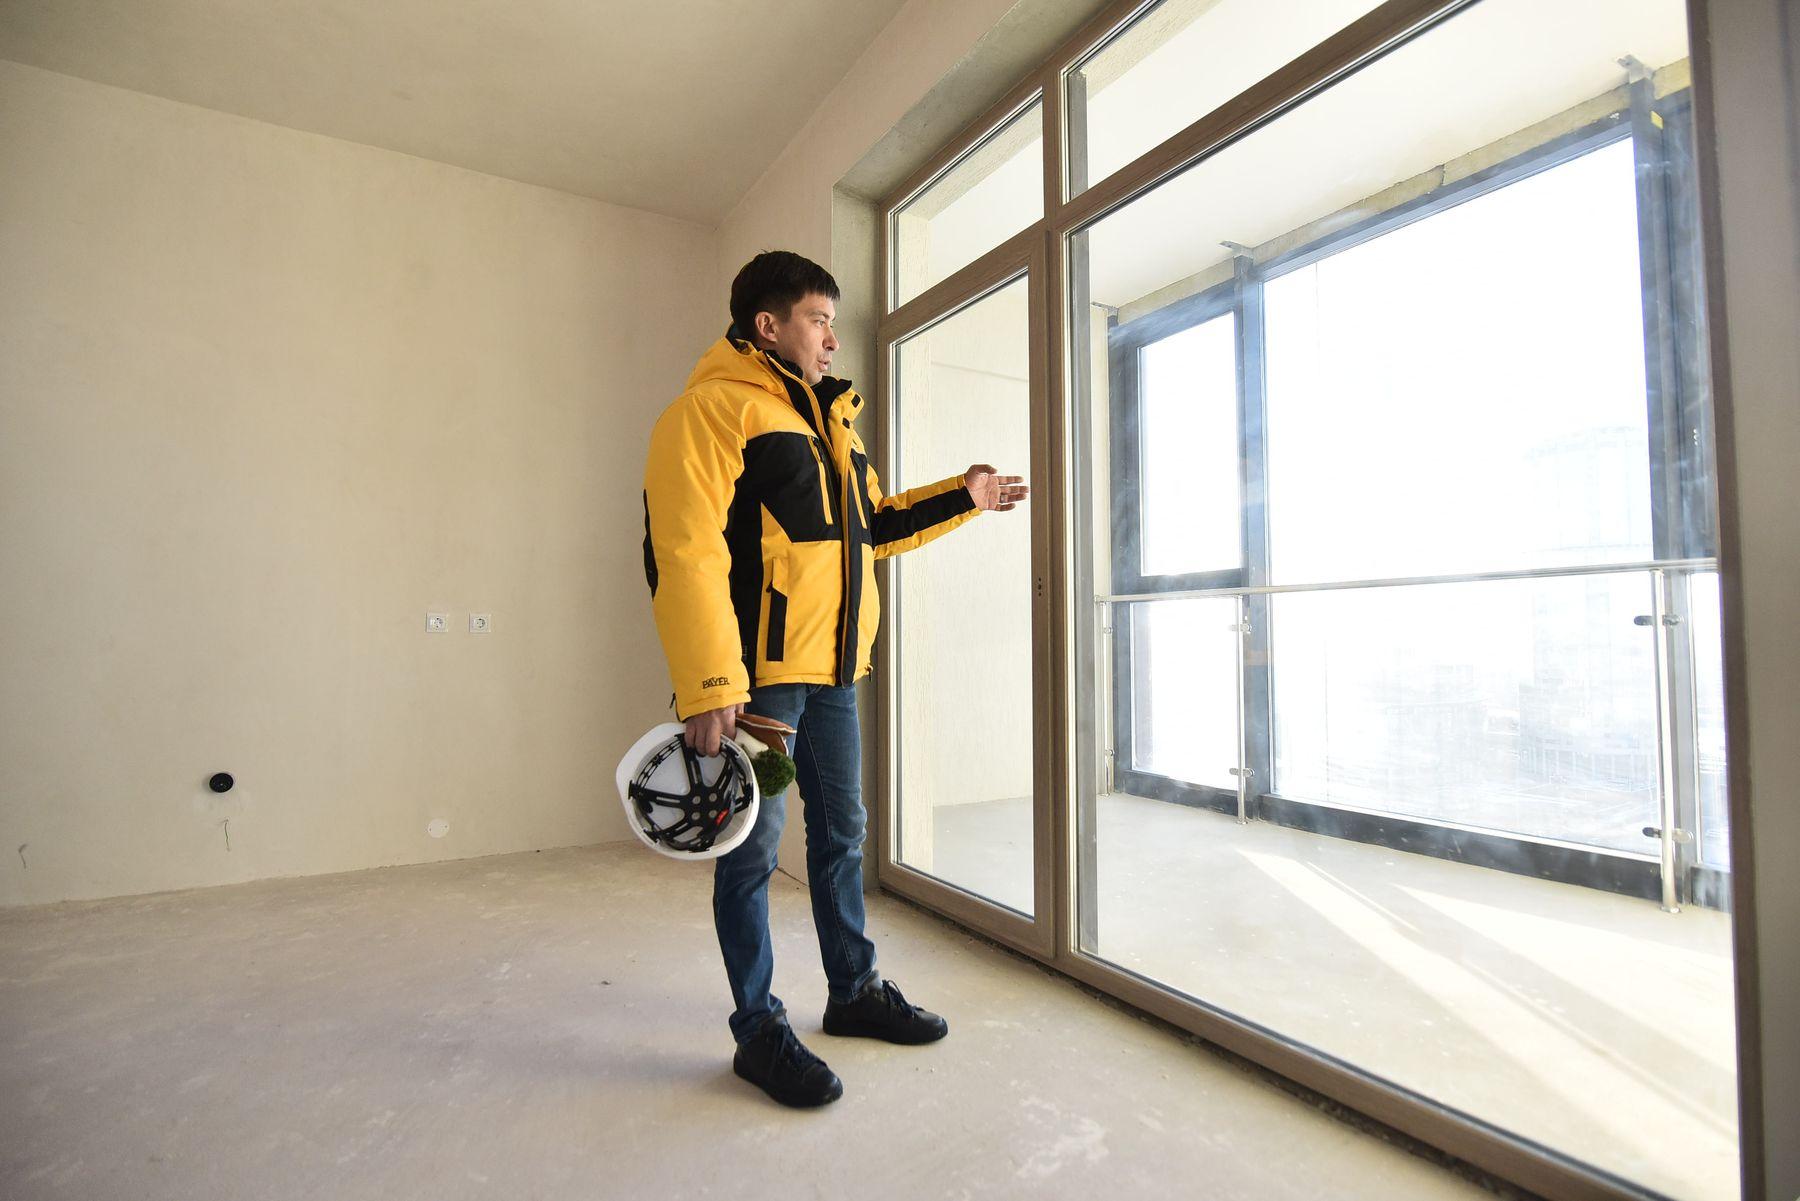 Панорамные окна, которые занимают больше 50% площади стен, специально для «Макаровского» разработали в Германии.